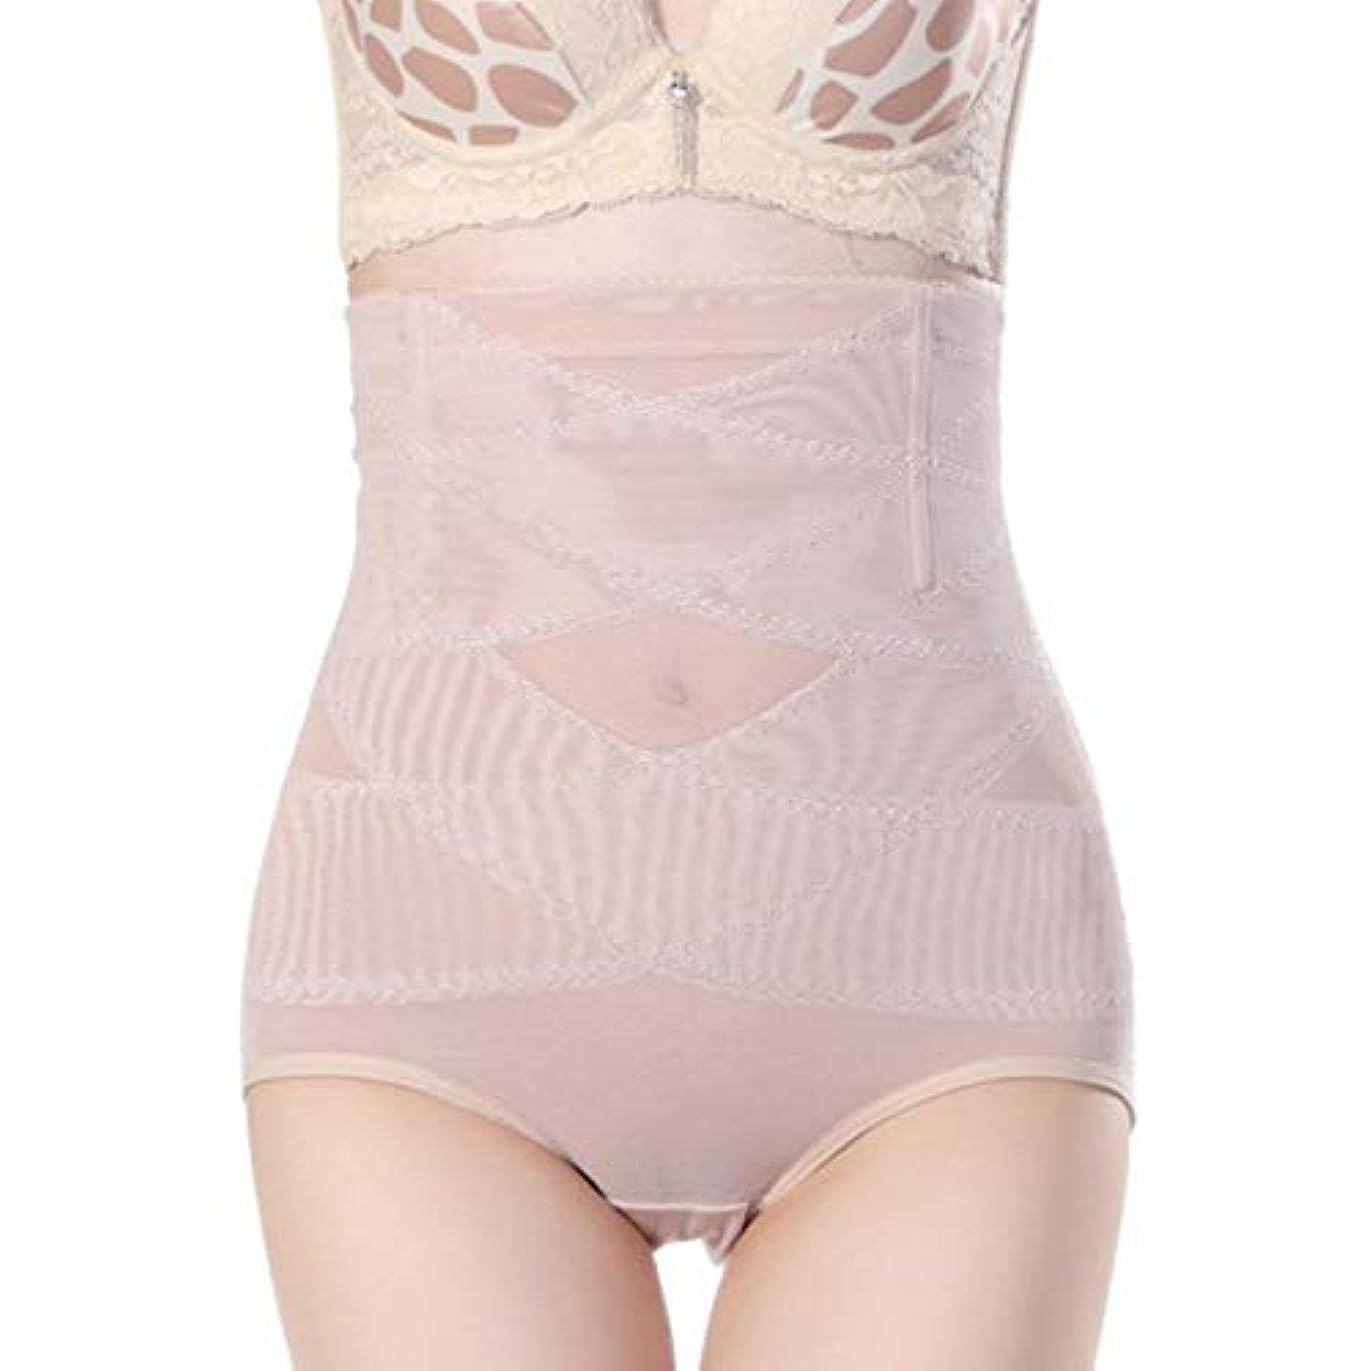 合成周囲ピッチャー腹部制御下着シームレスおなかコントロールパンティーバットリフターボディシェイパーを痩身通気性のハイウエストの女性 - 肌色2 XL